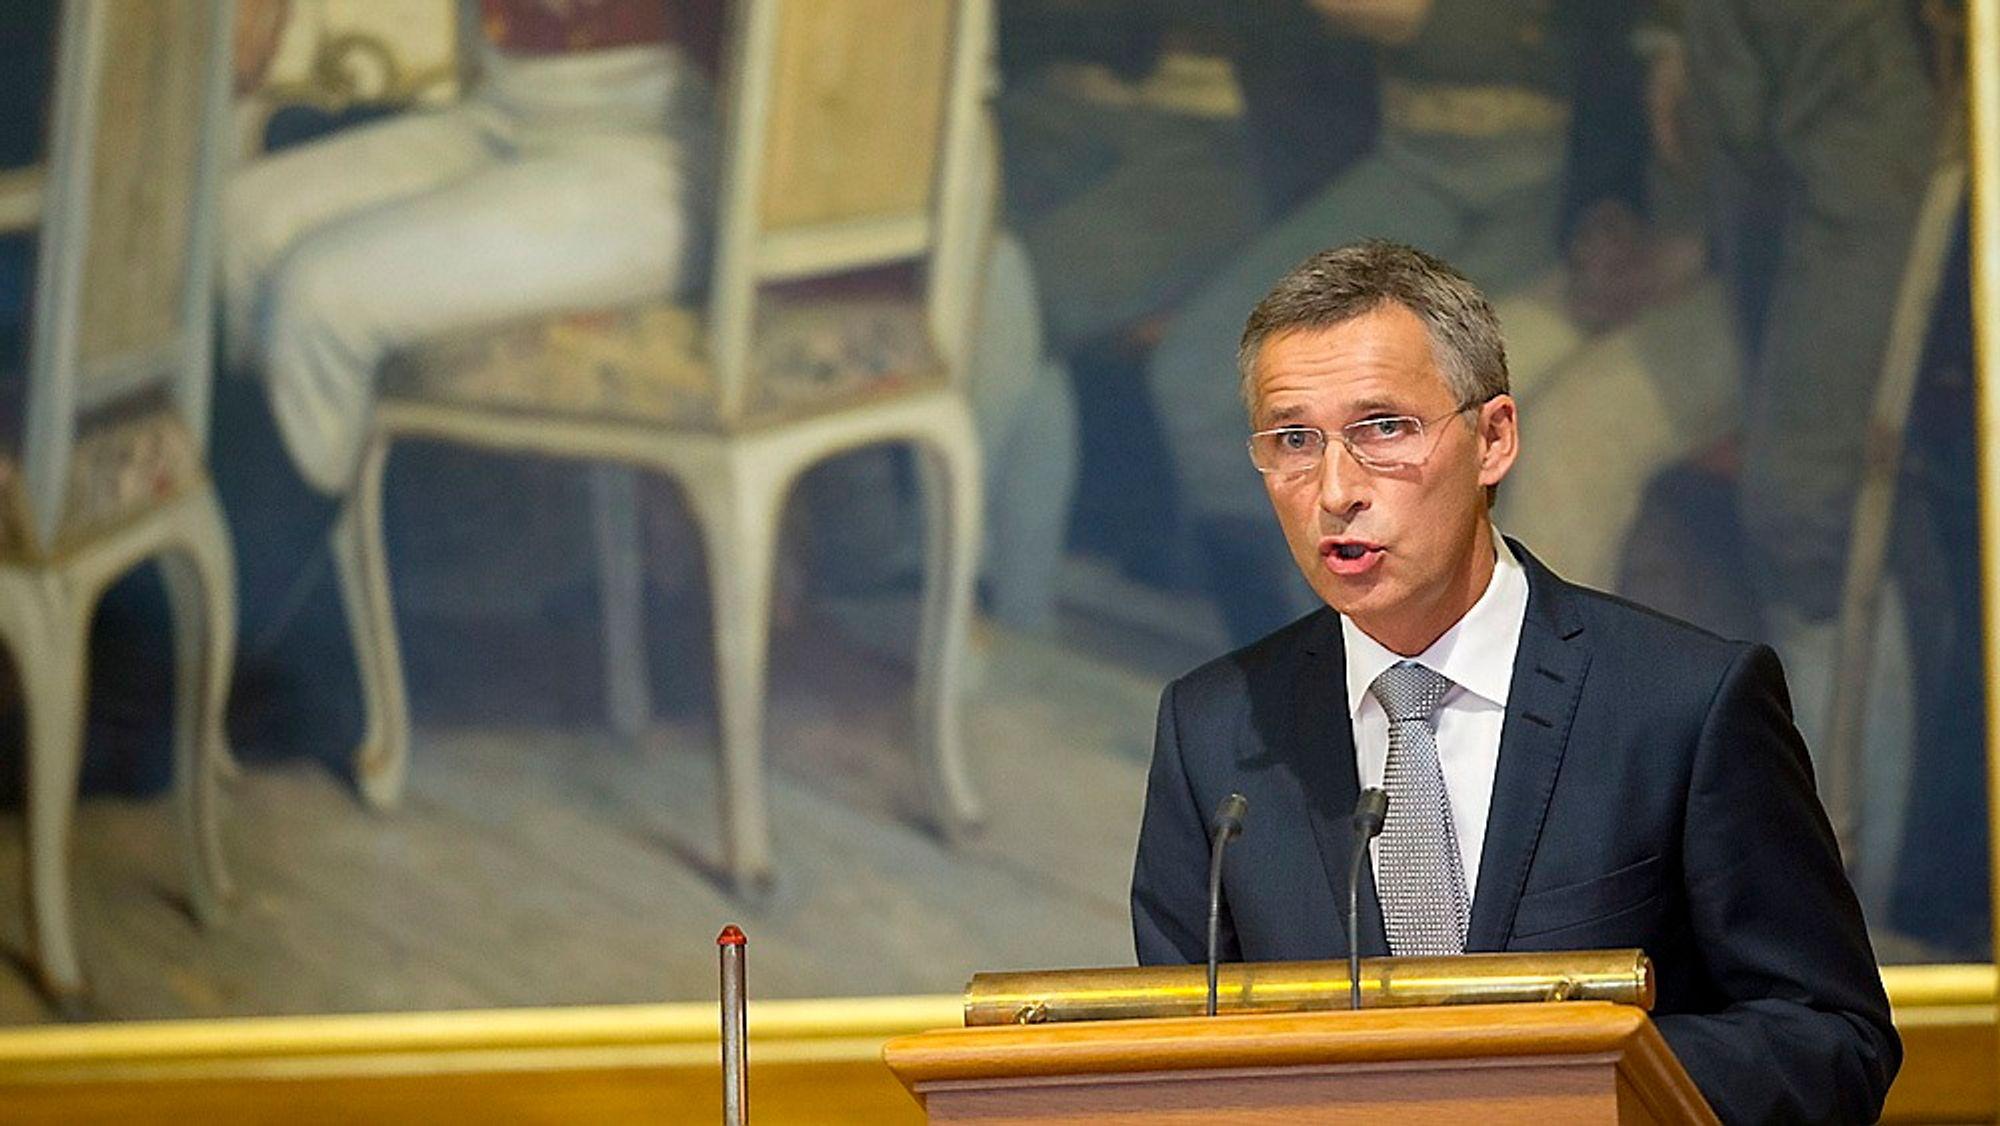 Statsminister Jens Stoltenberg i Stortinget tirsdag under 22. juli-redegjørelsen.